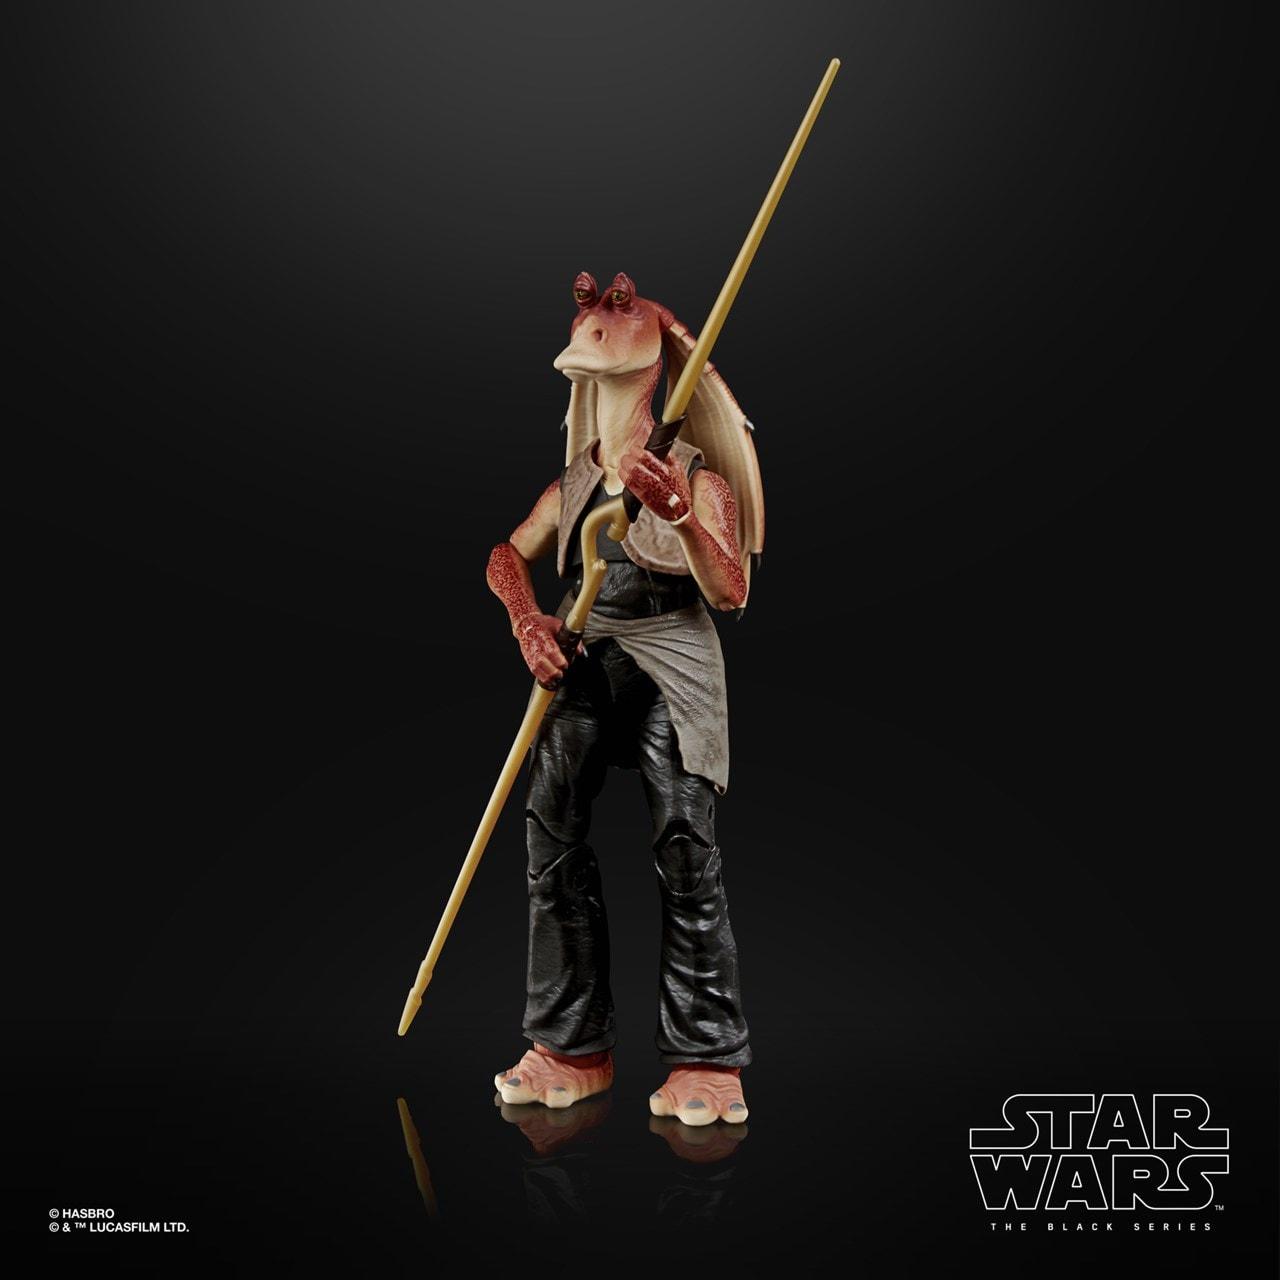 Jar Jar Binks: Deluxe: The Black Series: Star Wars Action Figure - 4